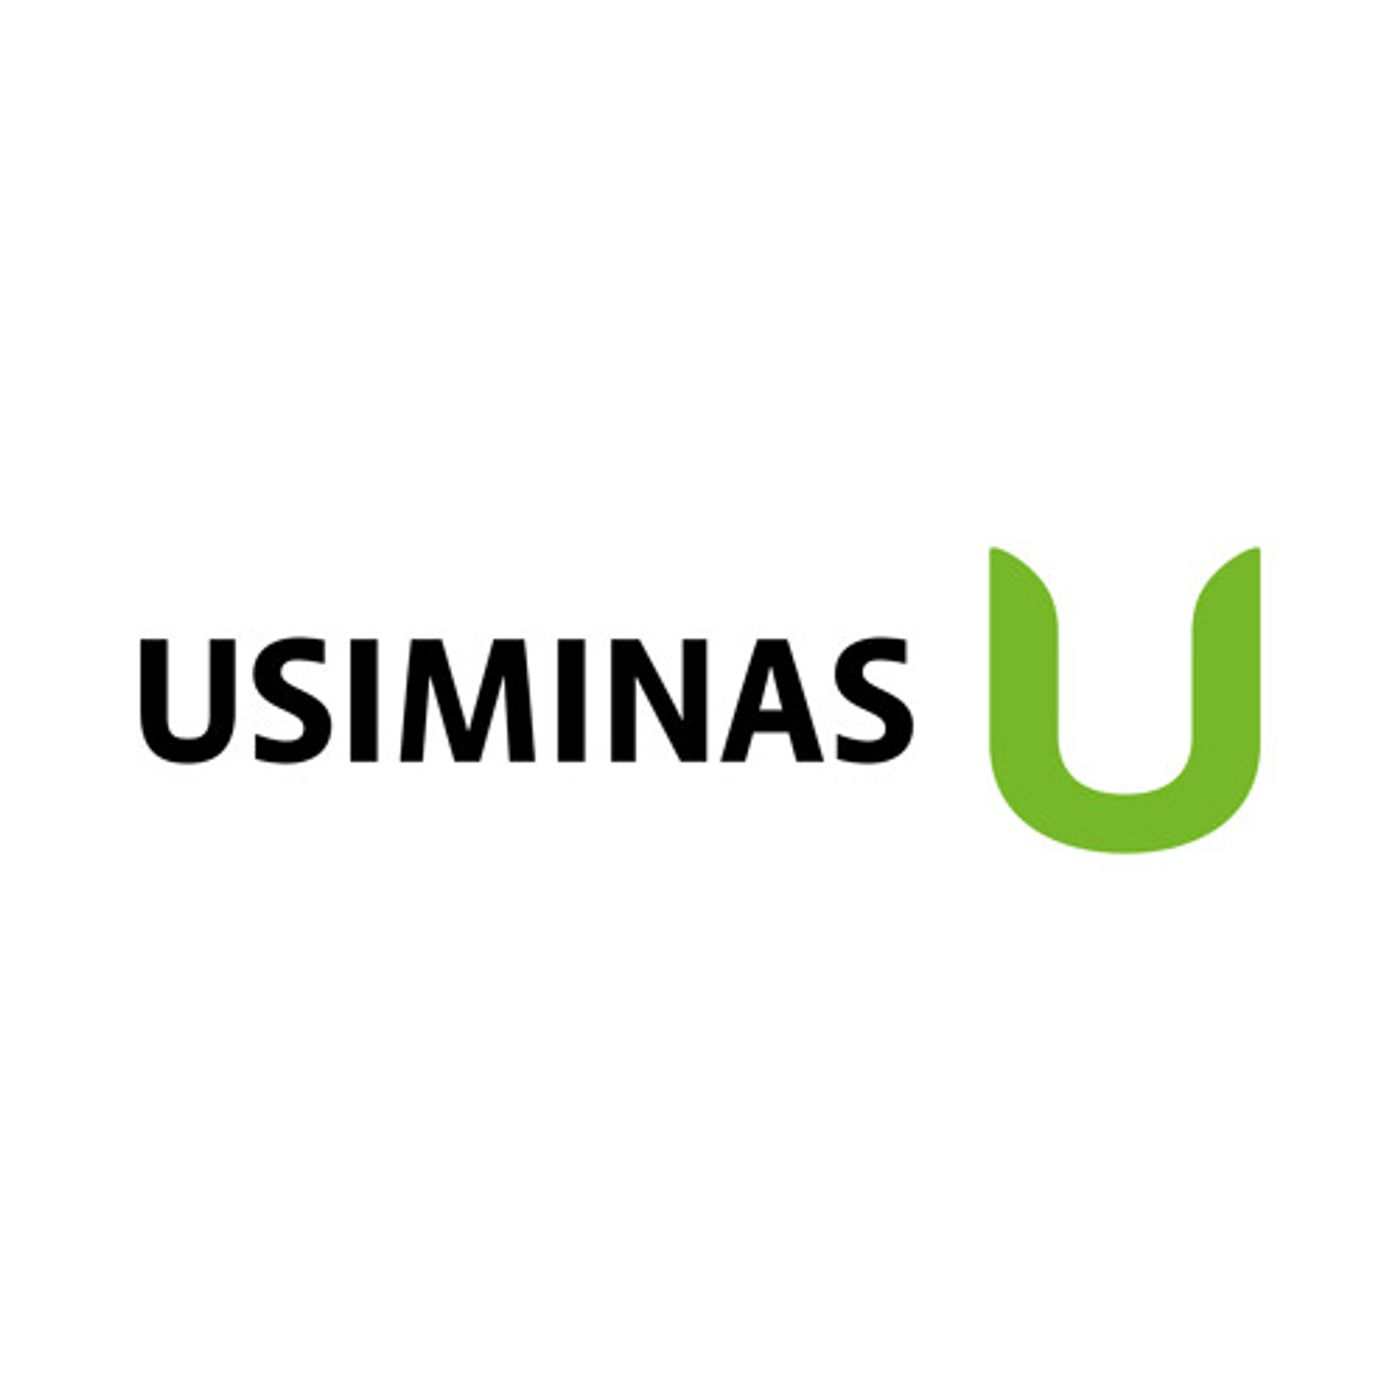 Teleconferência de Resultados da Usiminas (USIM5) do 1T20